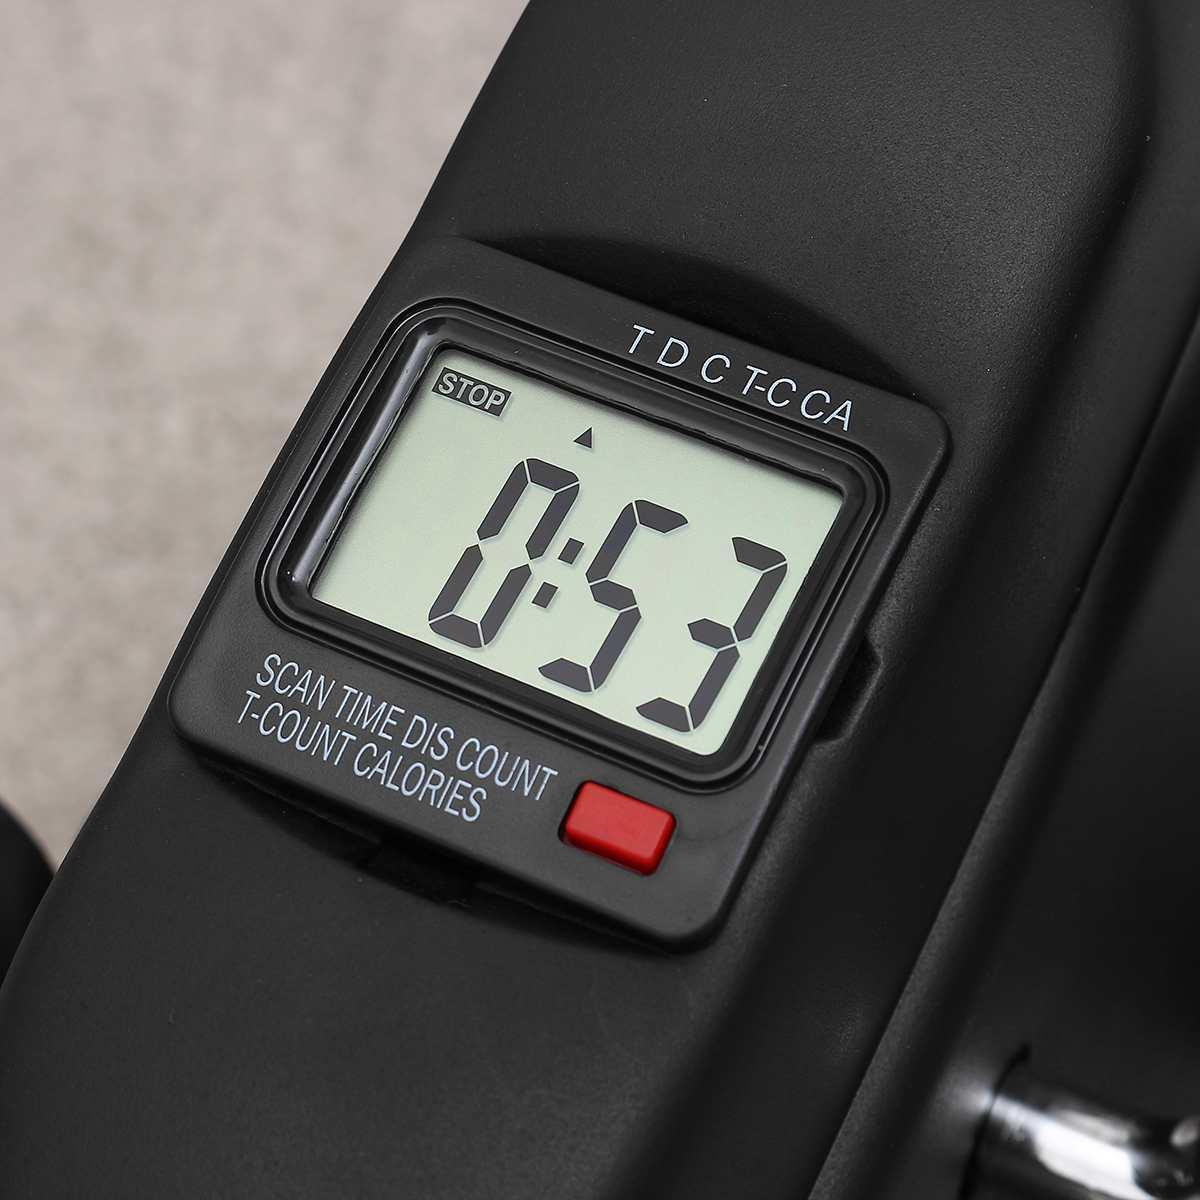 Affichage LCD Mini pédale exercice vélo formateur Cycle intérieur vélo vélos Stepper maison gymnastique Fitness outils bras/jambe physiothérapie - 3